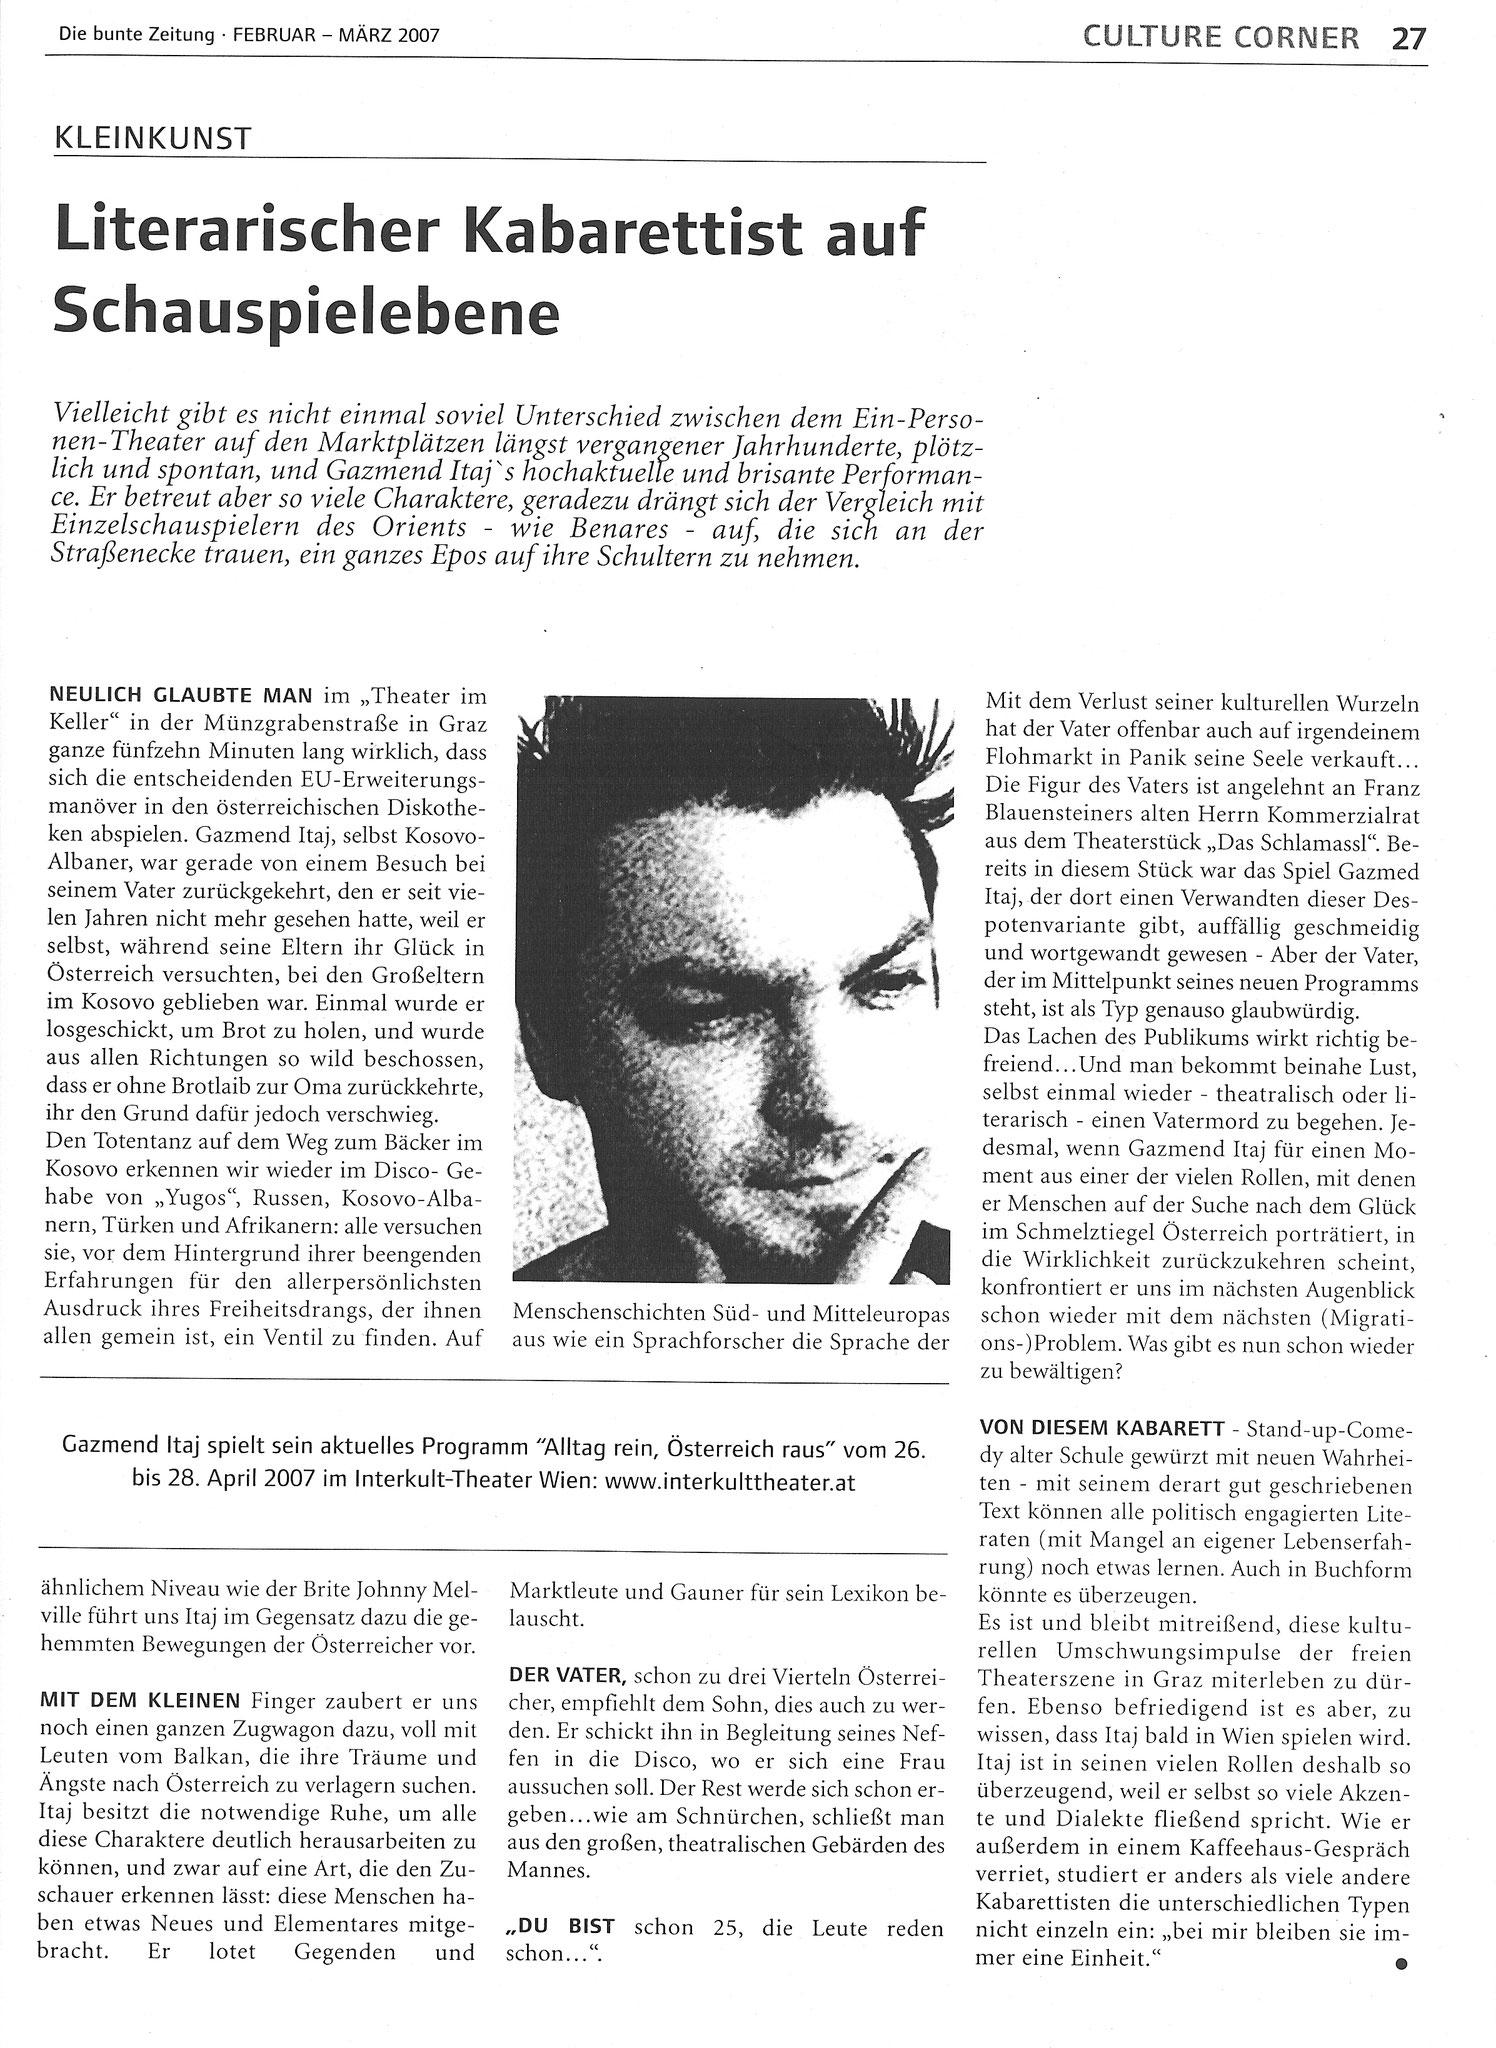 Die bunte Zeitung von Februar  März 2007